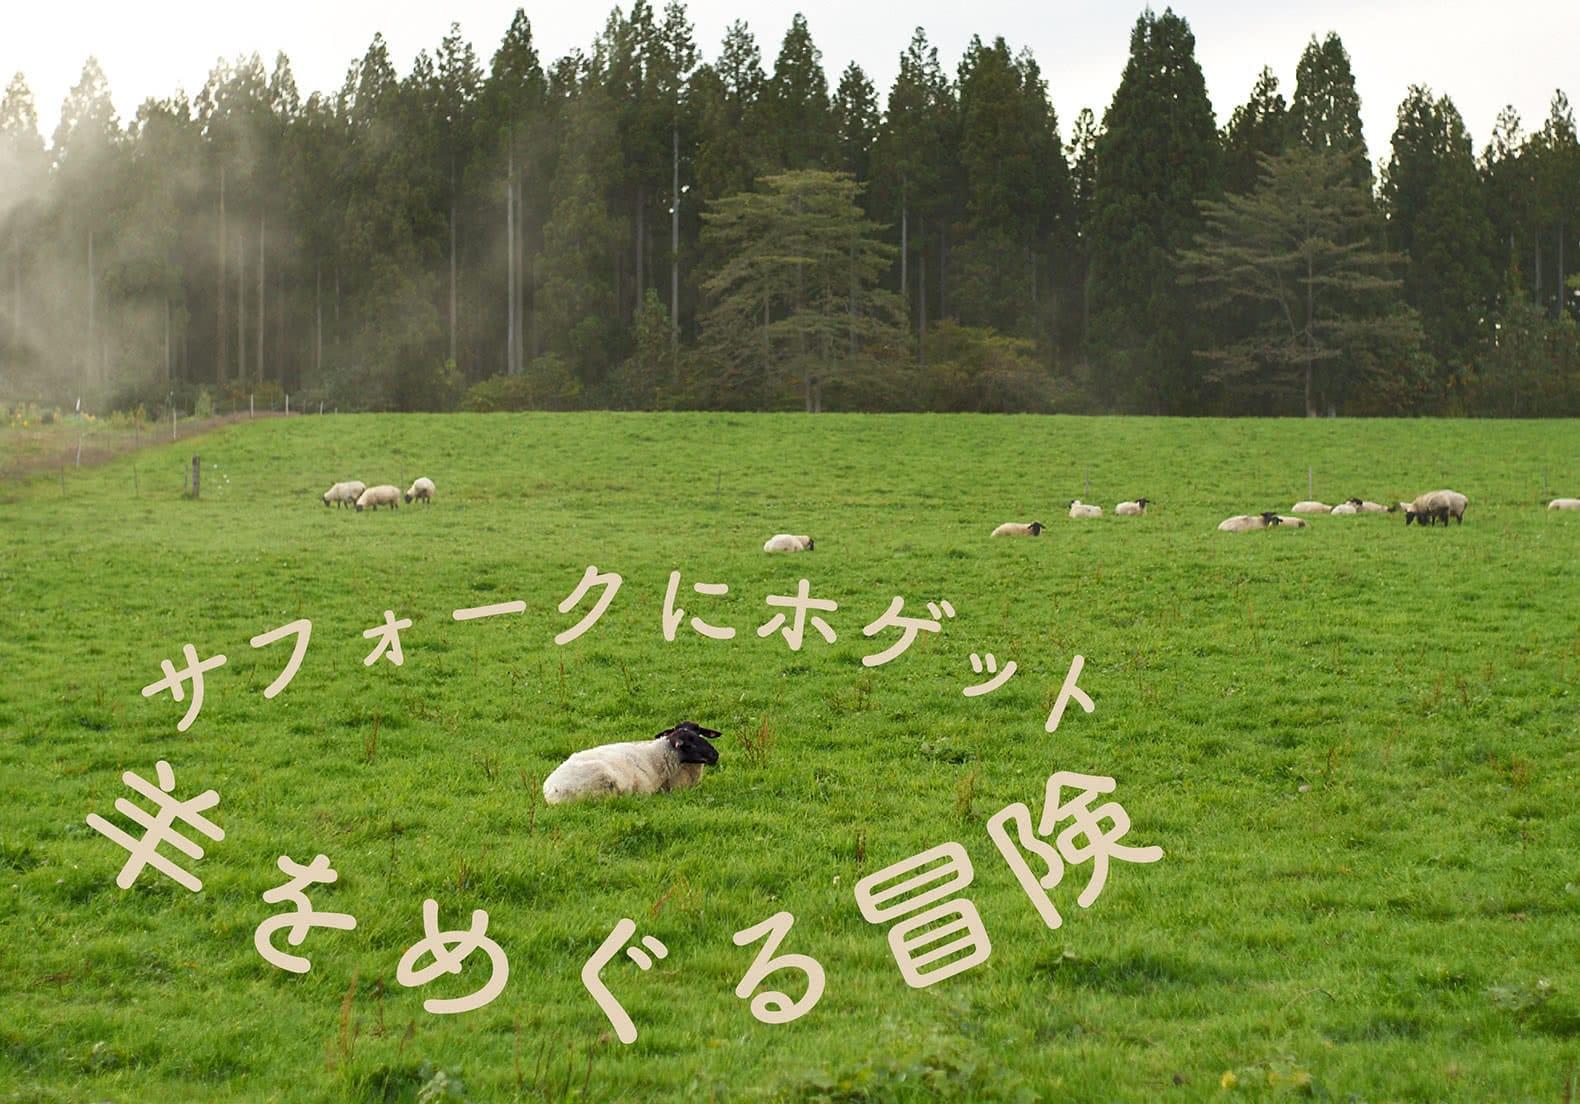 どこで は 黒い すか 羊